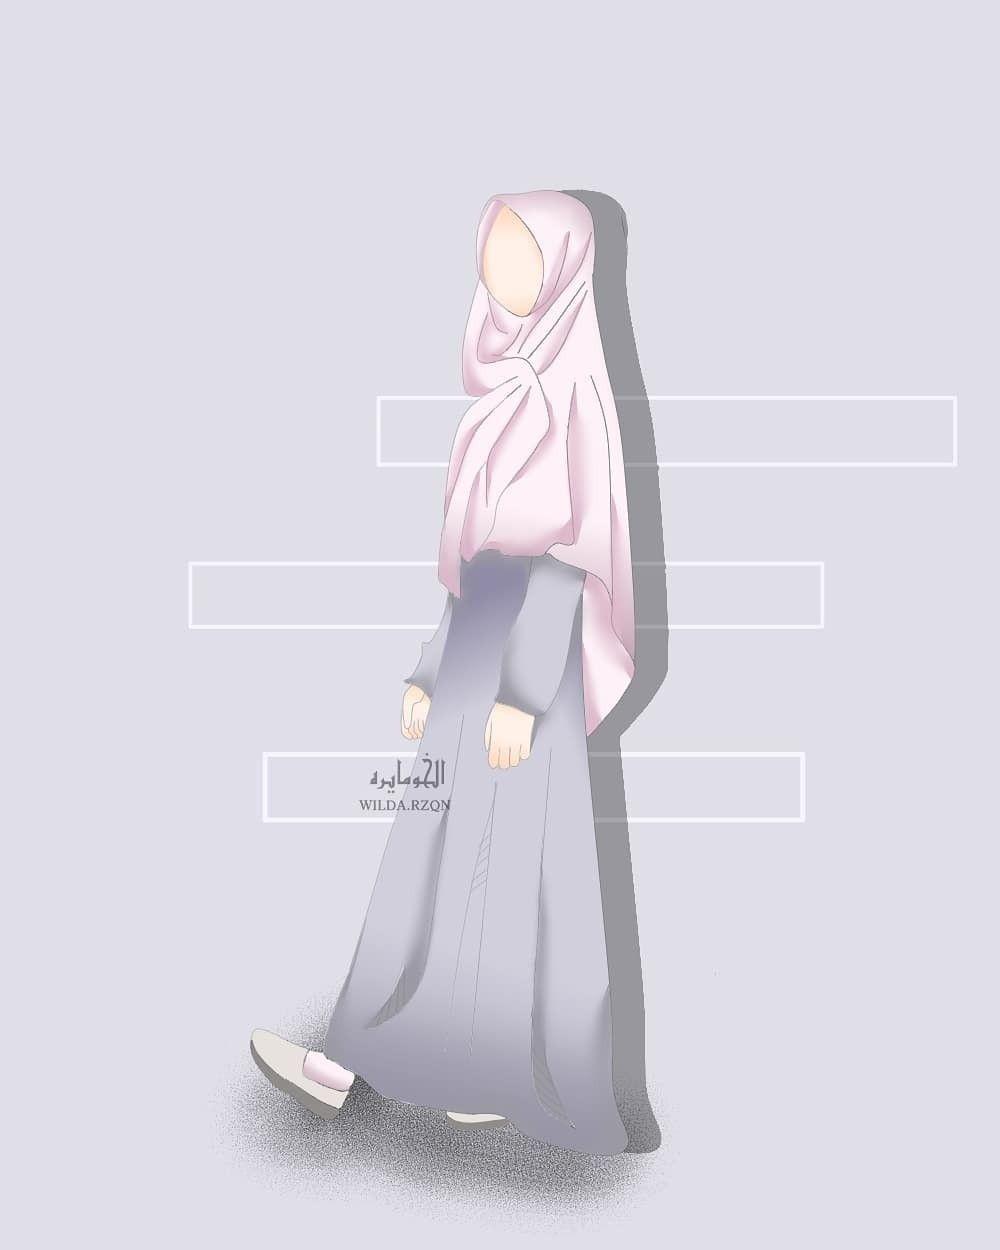 Pin Oleh Veni Jumila Danin Di Muslim Art Kartun Gadis Animasi Fotografi Remaja